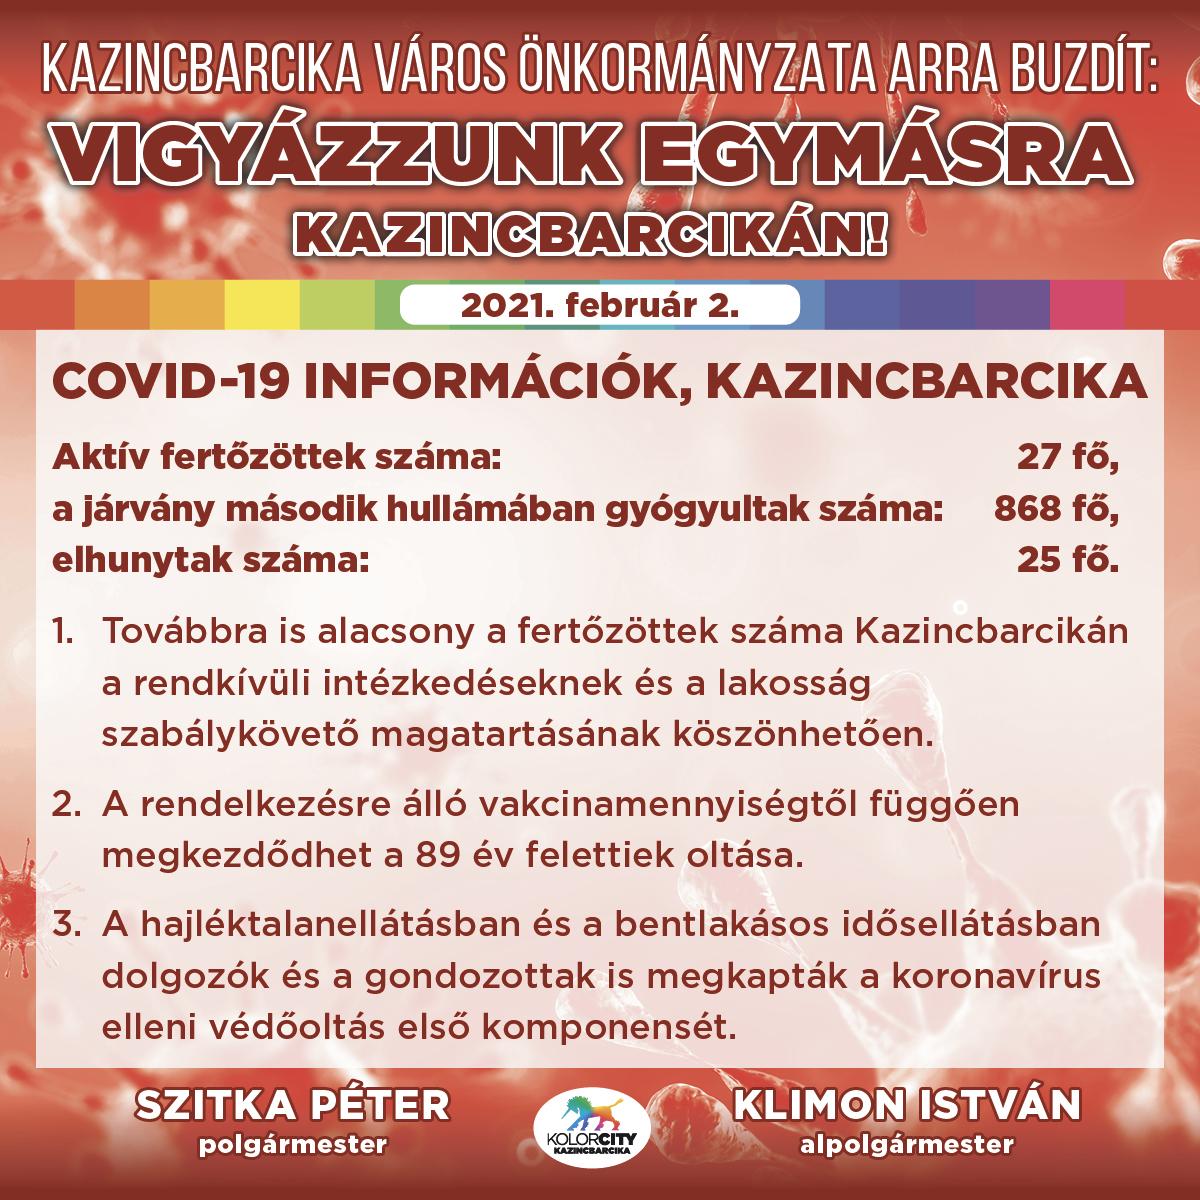 https://kolorline.hu/Vigyázzunk egymásra Kazincbarcikán! – 2021. február 2.